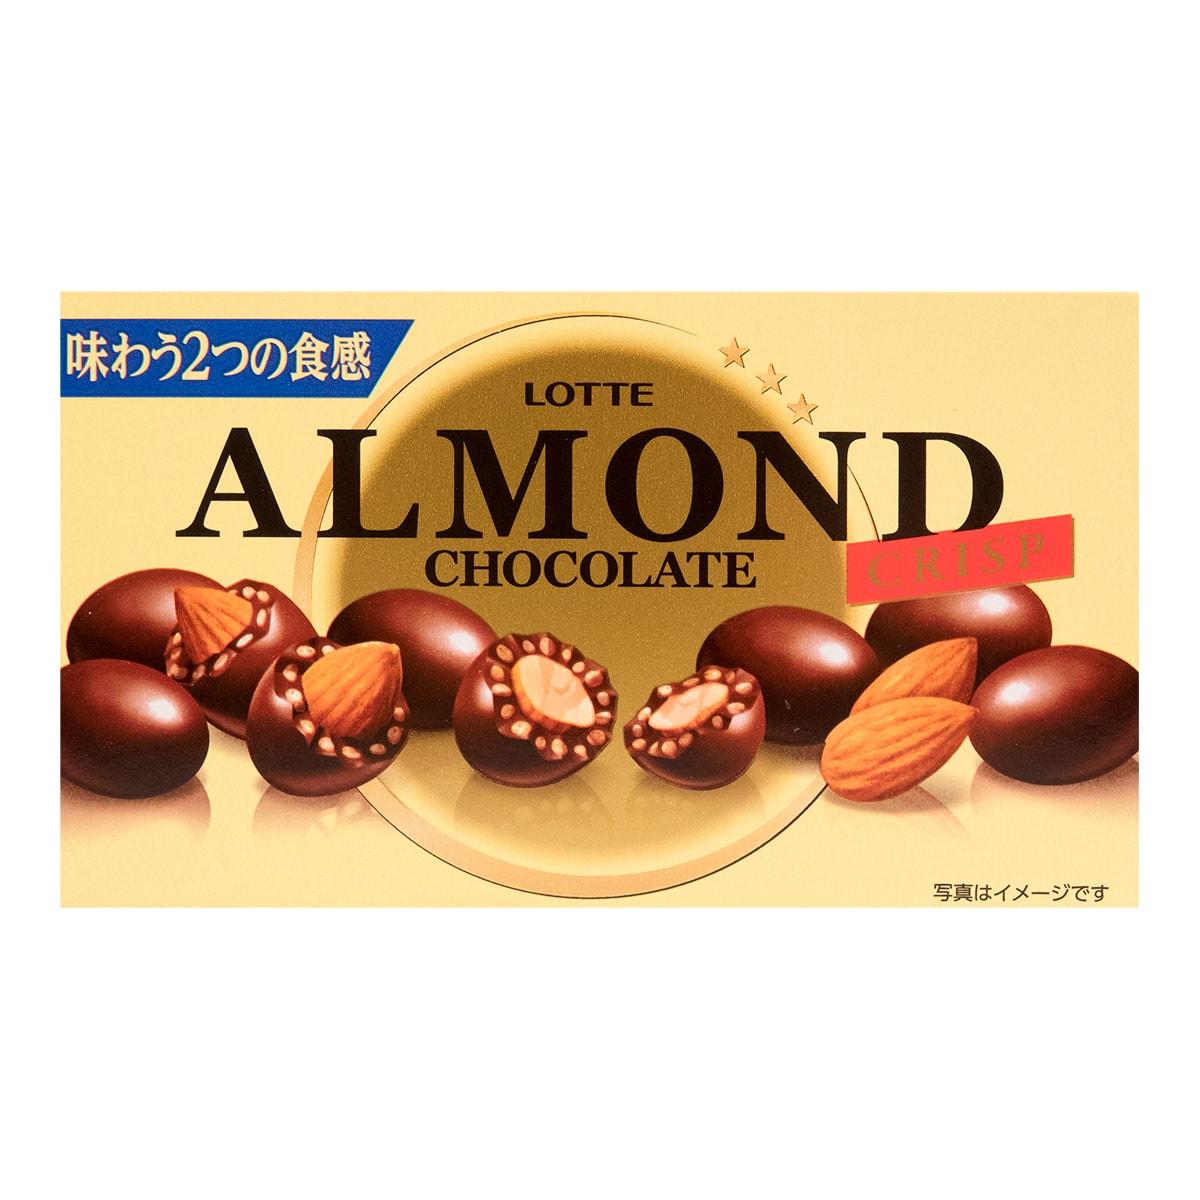 日本LOTTE乐天 麦脆杏仁巧克力豆 89g 怎么样 - 亚米网